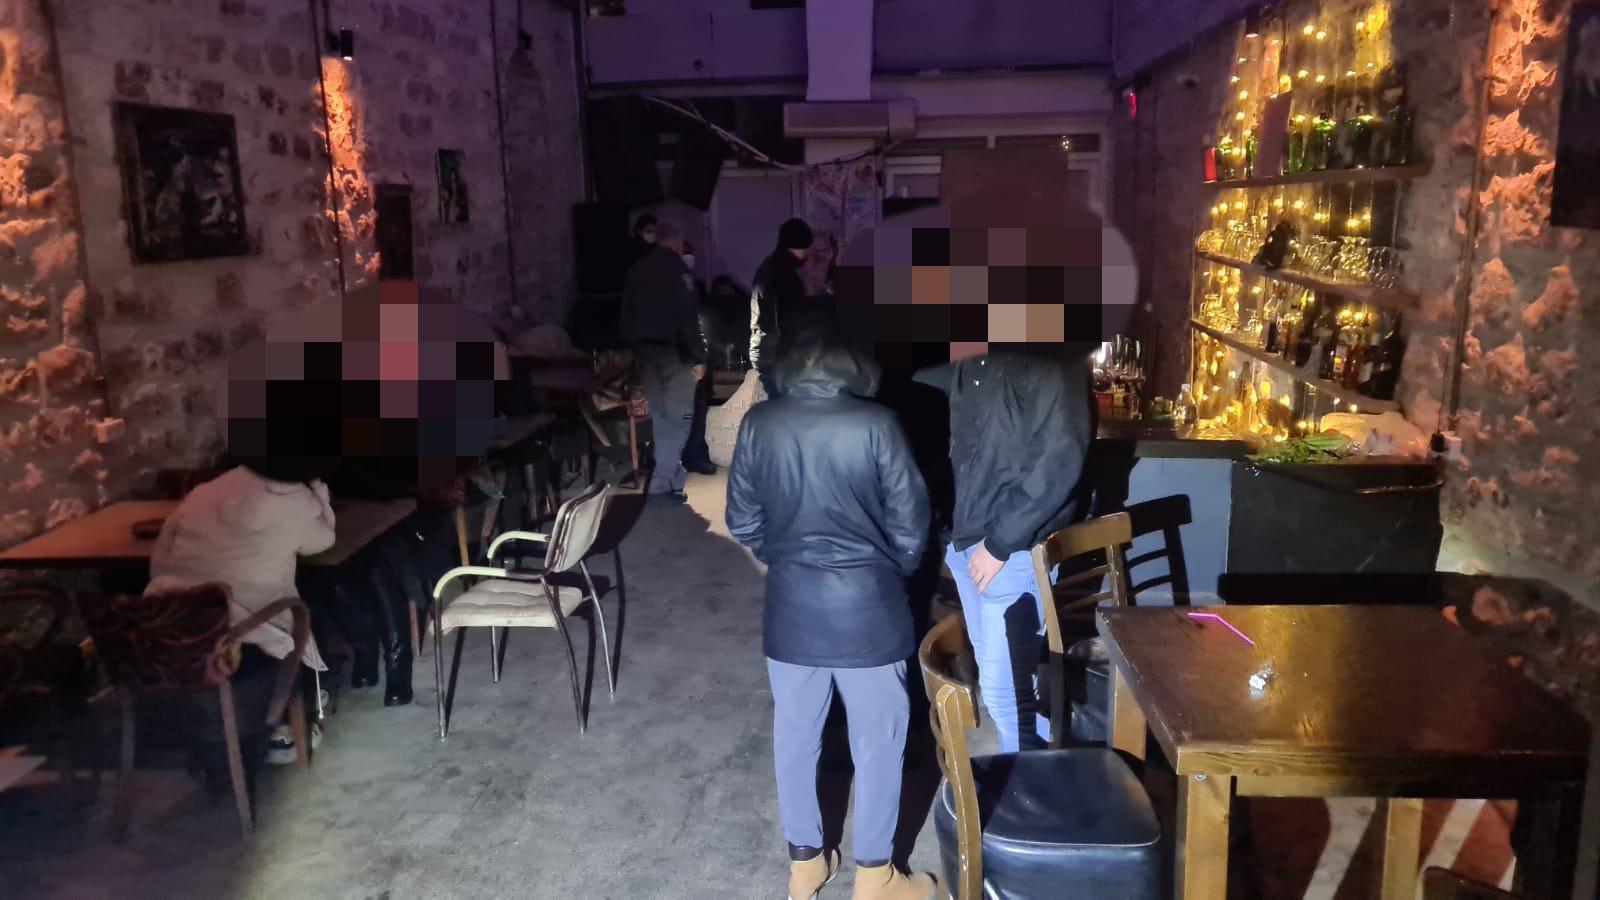 הפשיטה על הפאבים (צילום: דוברות משטרת ישראל)